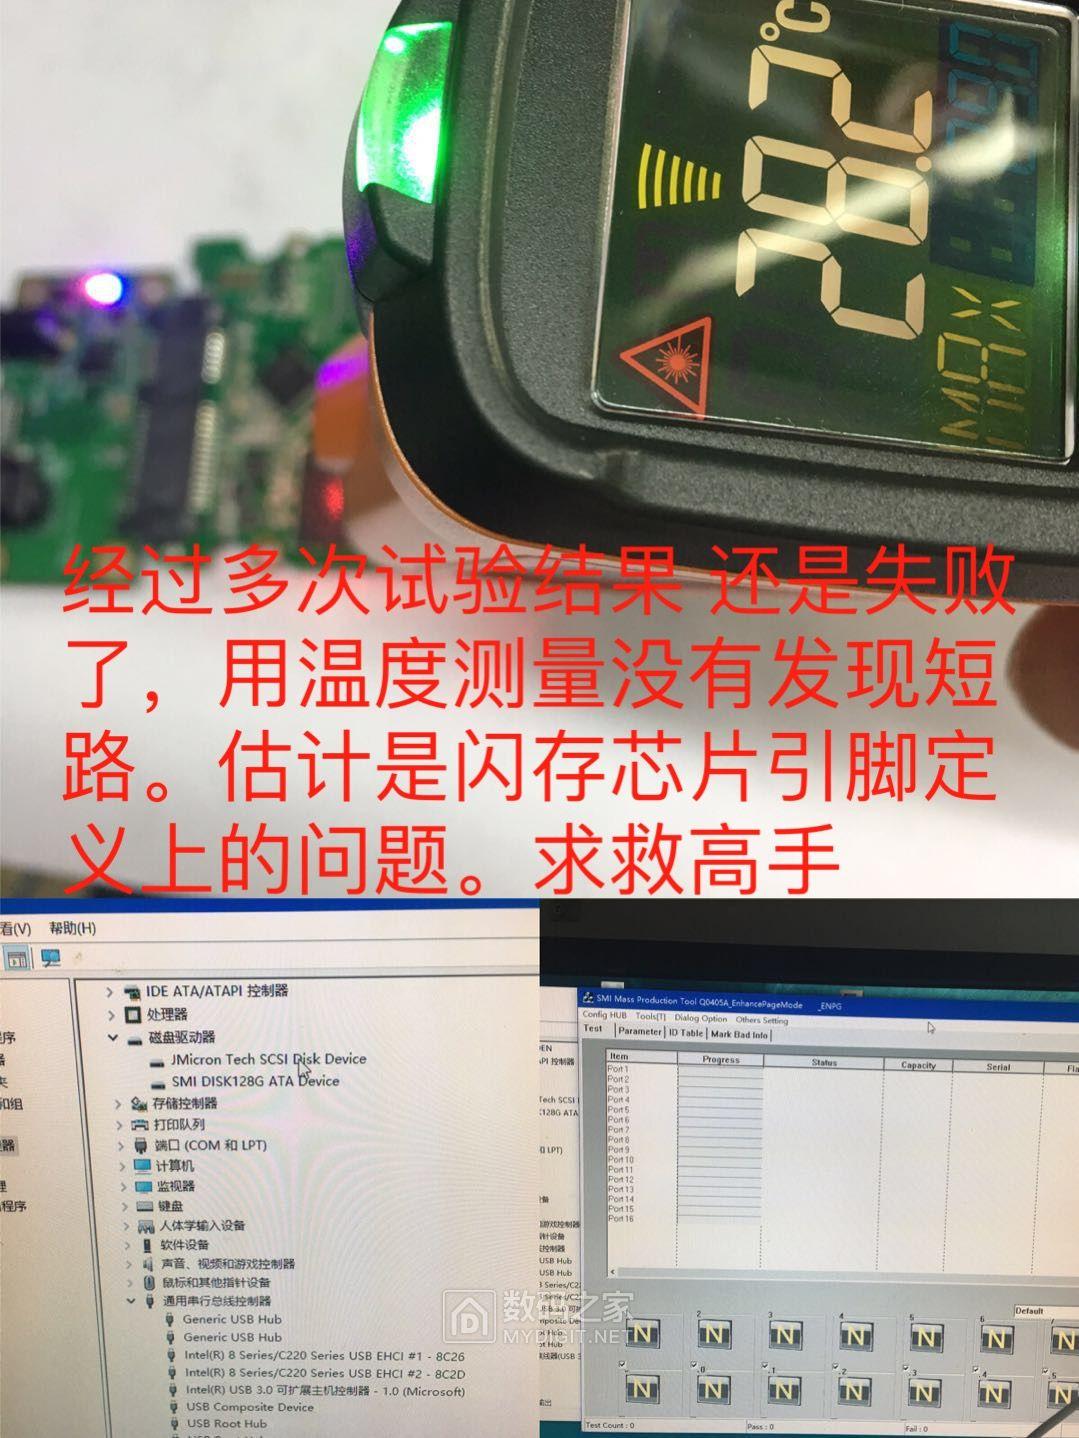 拆解 希捷 800G SSD SAS 1200 固态硬盘 ST800FM0043 KLECG8GE7A-E201